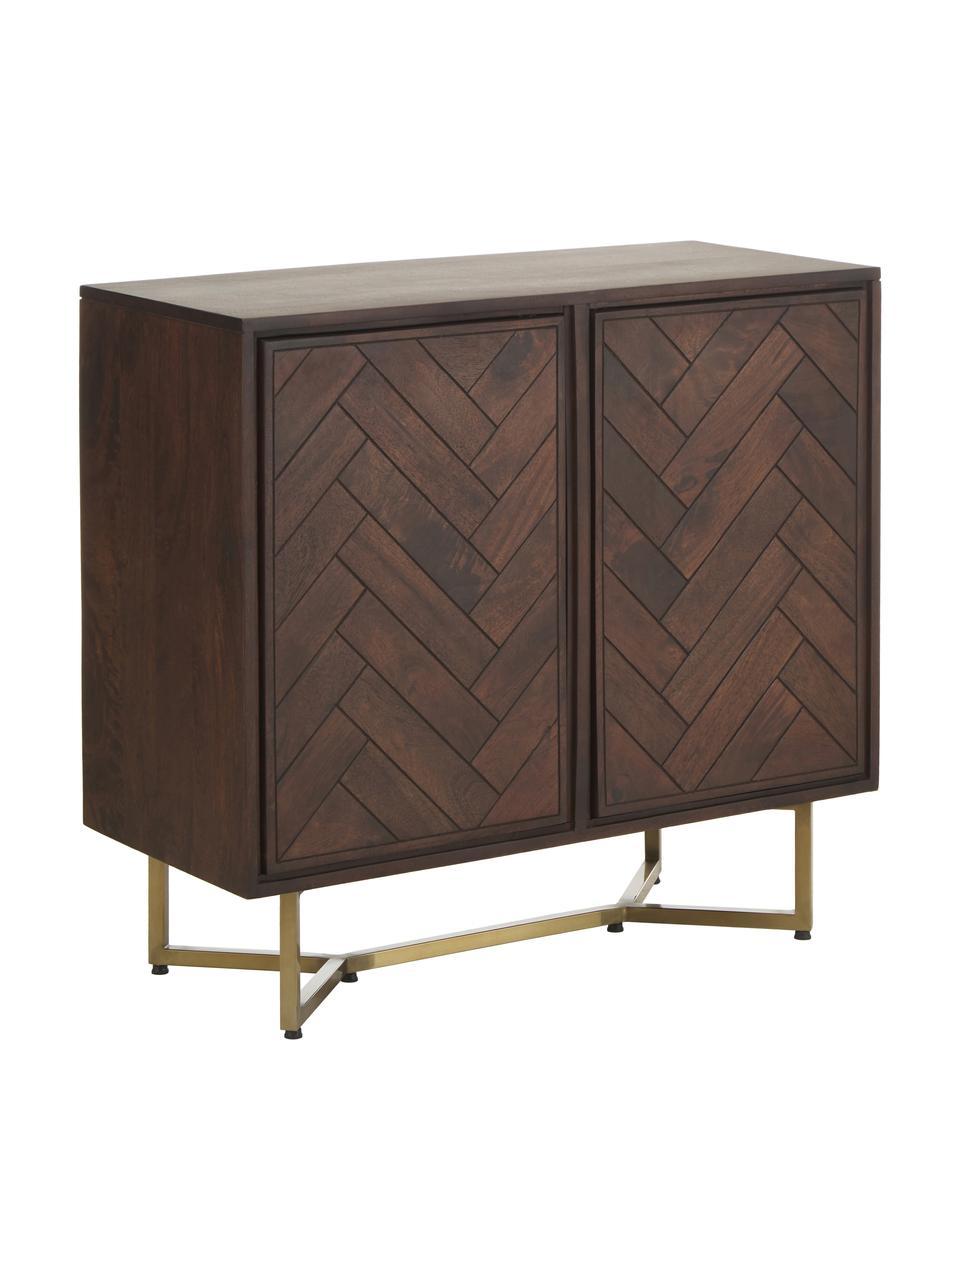 Komoda z litego drewna Luca, Korpus: lite drewno mangowe, laki, Nogi: metal malowany proszkowo, Brązowy, S 90 x W 83 cm